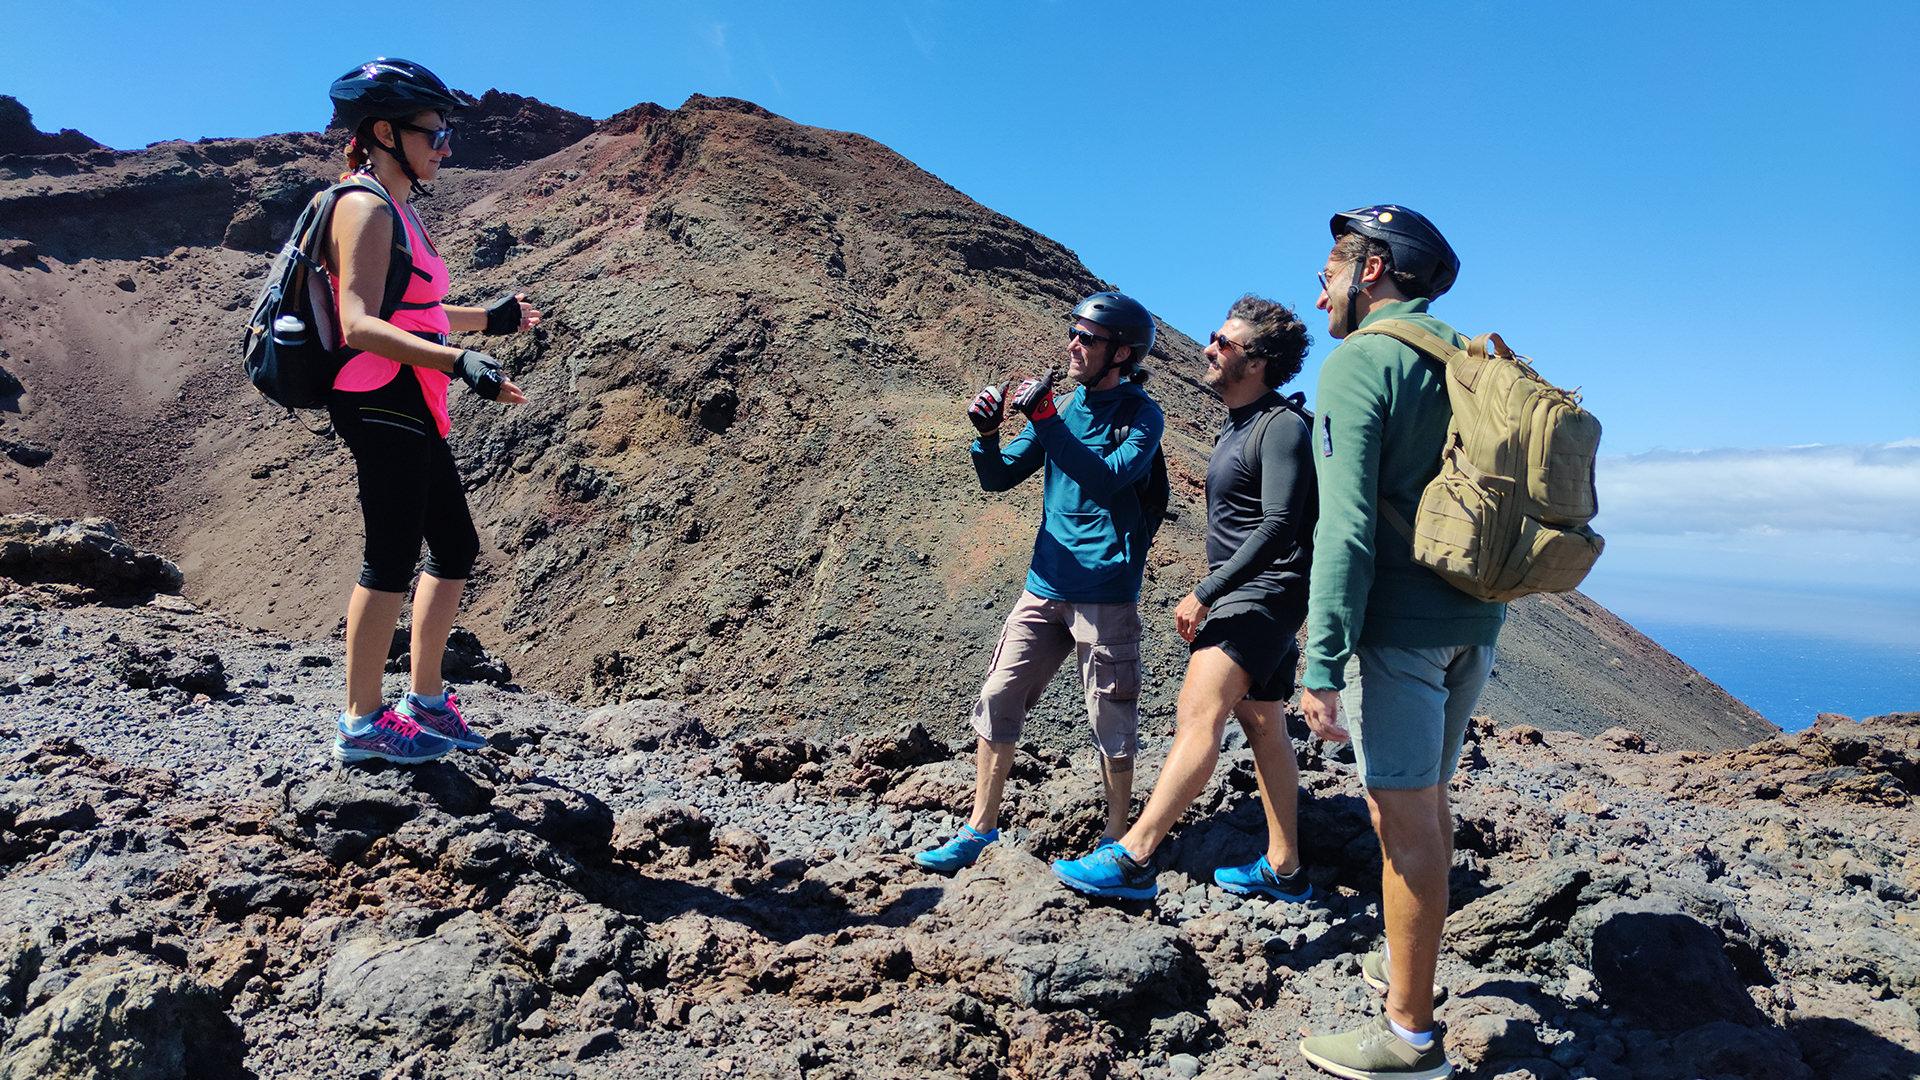 Escursione Ecoturismo La Palma con una guida professionale La Palma Natural - Isole Canarie